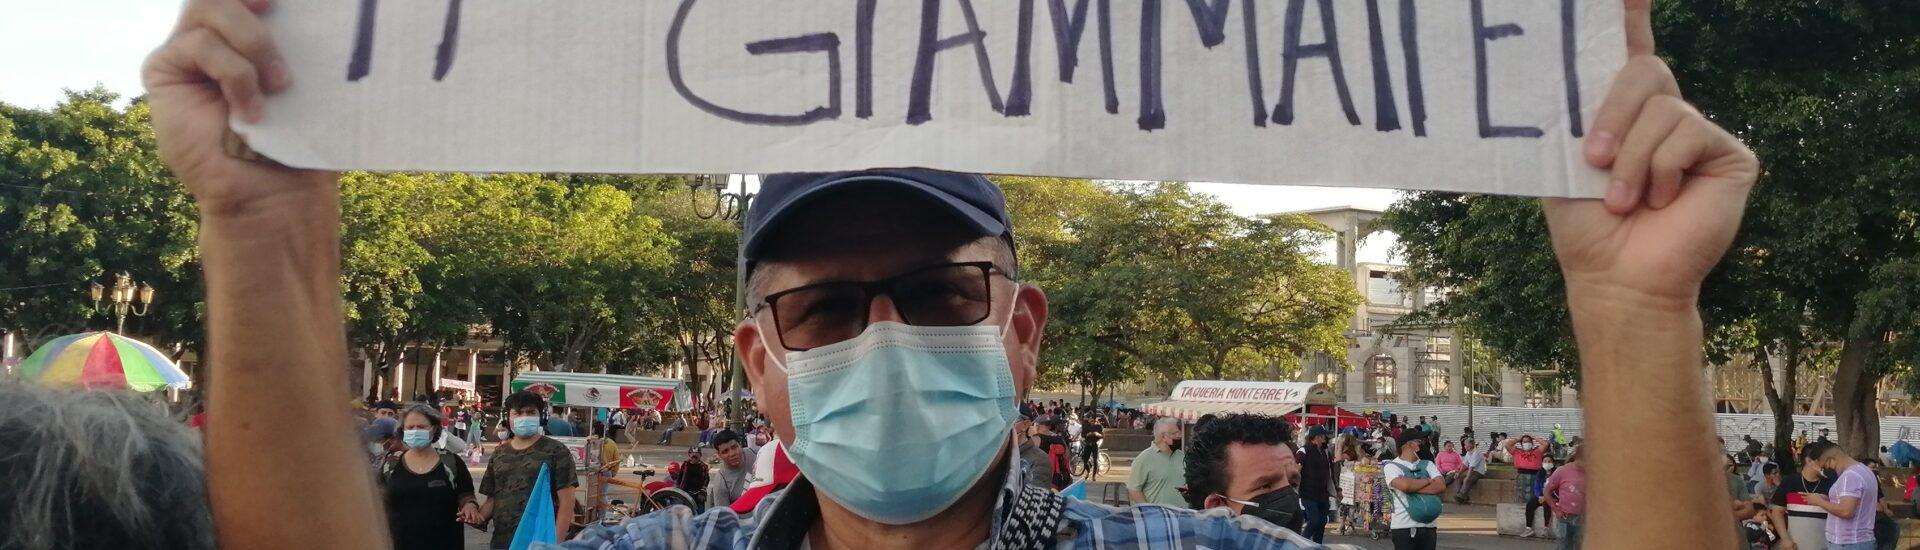 Οι πολίτες της Γουατεμάλα στους δρόμους απαιτώντας την παραίτηση του Προέδρου Γιαματέι